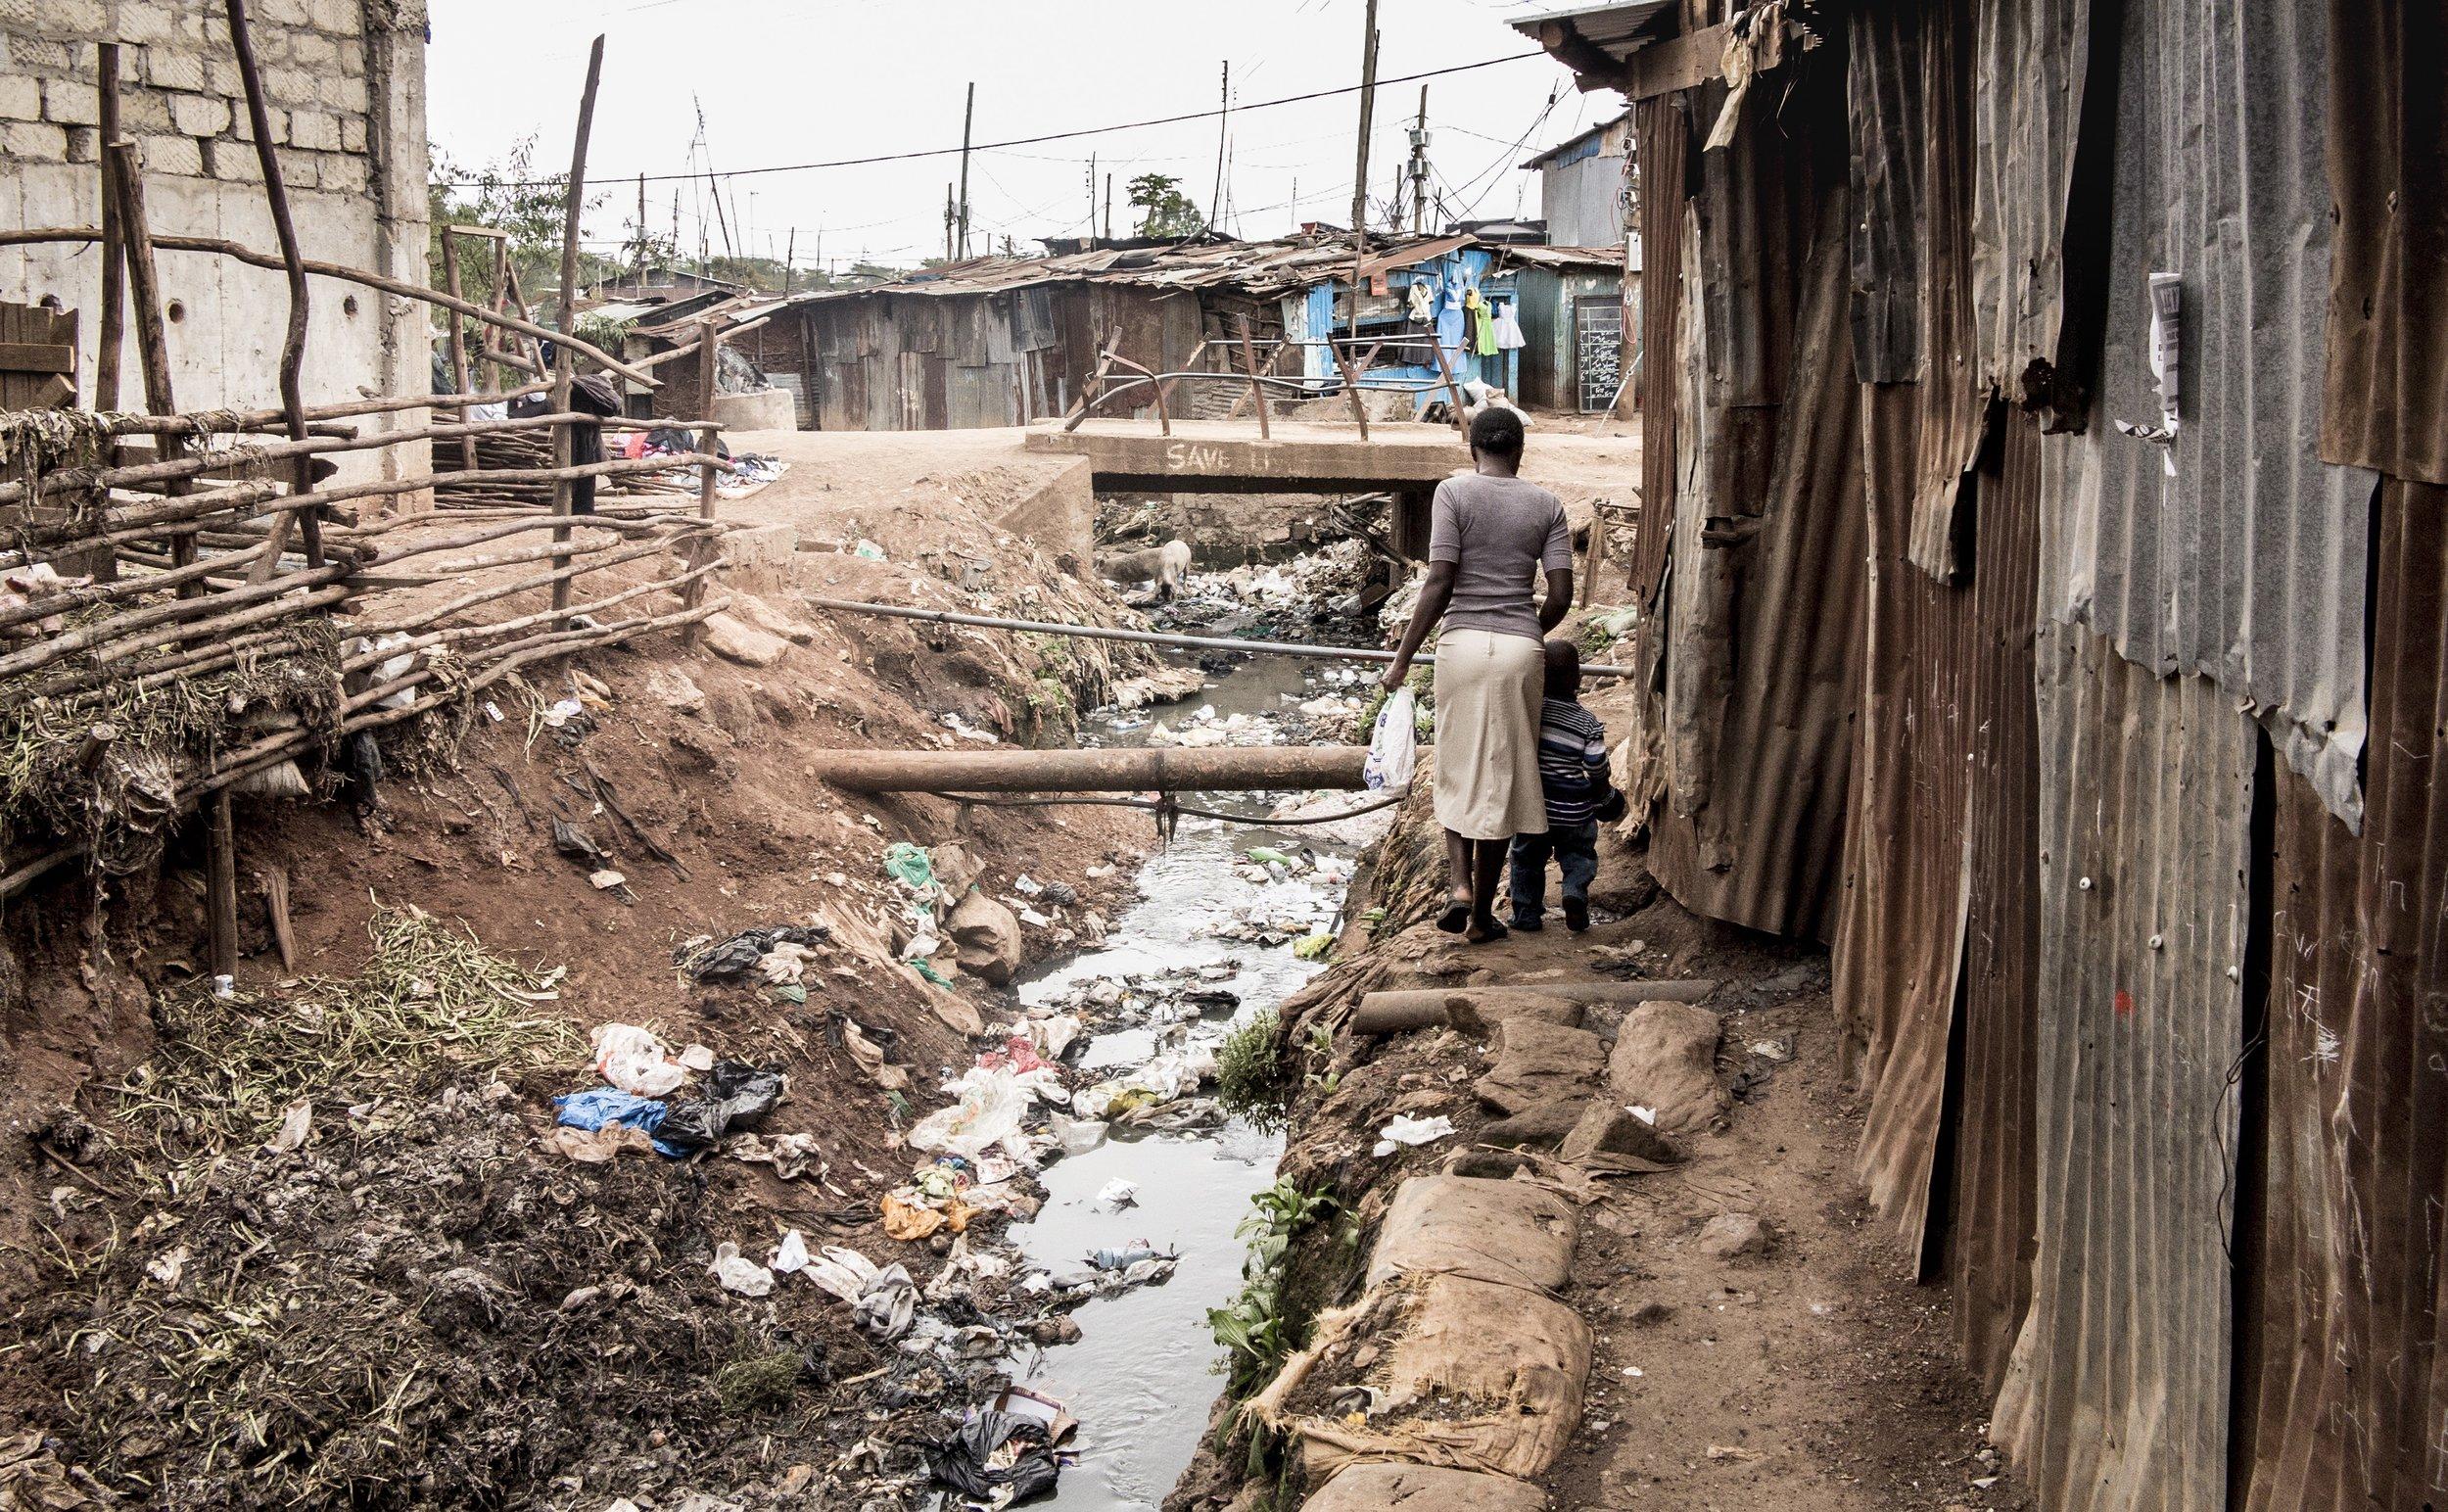 nairobi slum pic.jpg